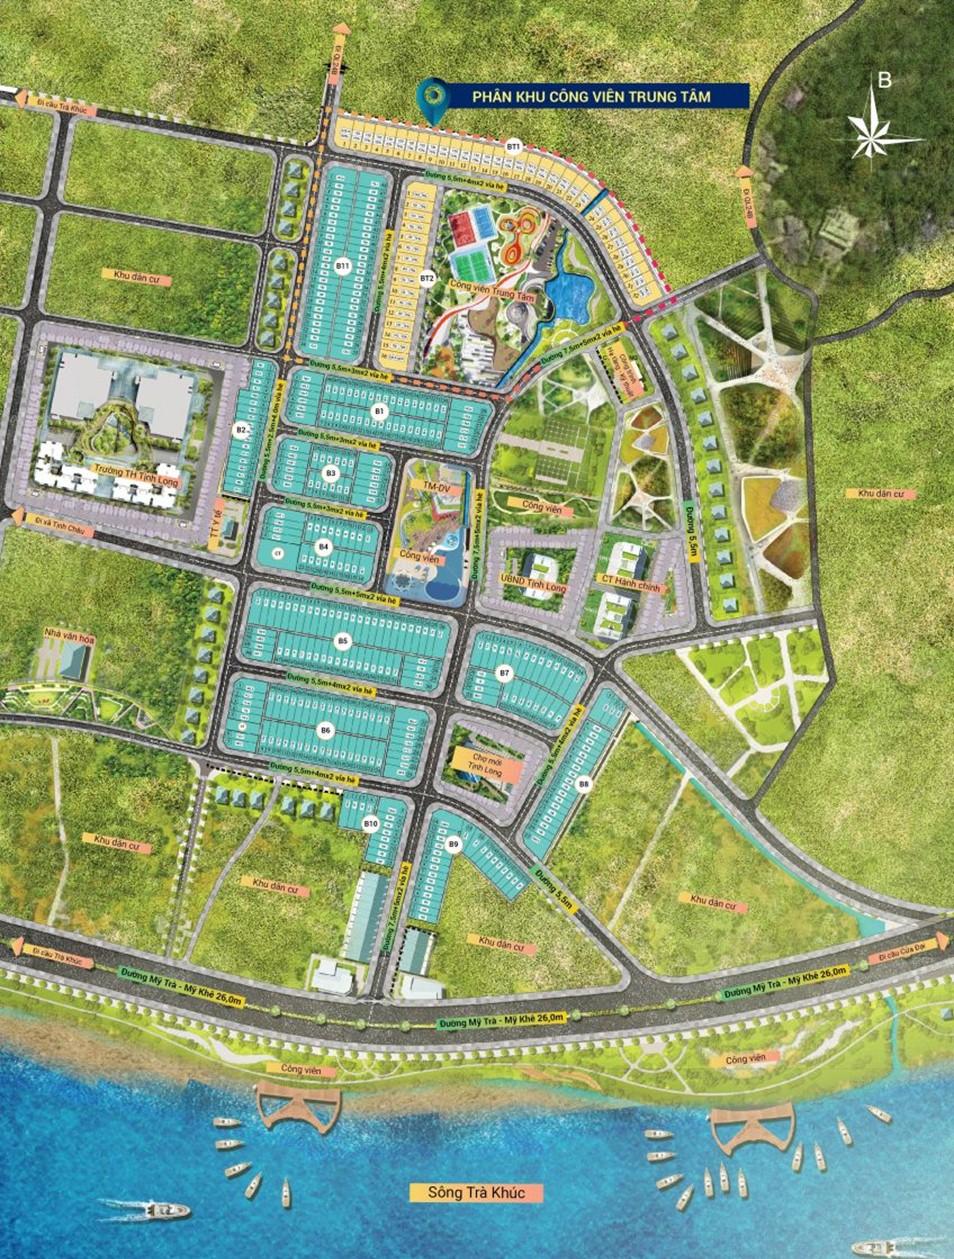 Mặt bằng tổng thể dự án Tăng Long Angkora Park Quảng Ngãi